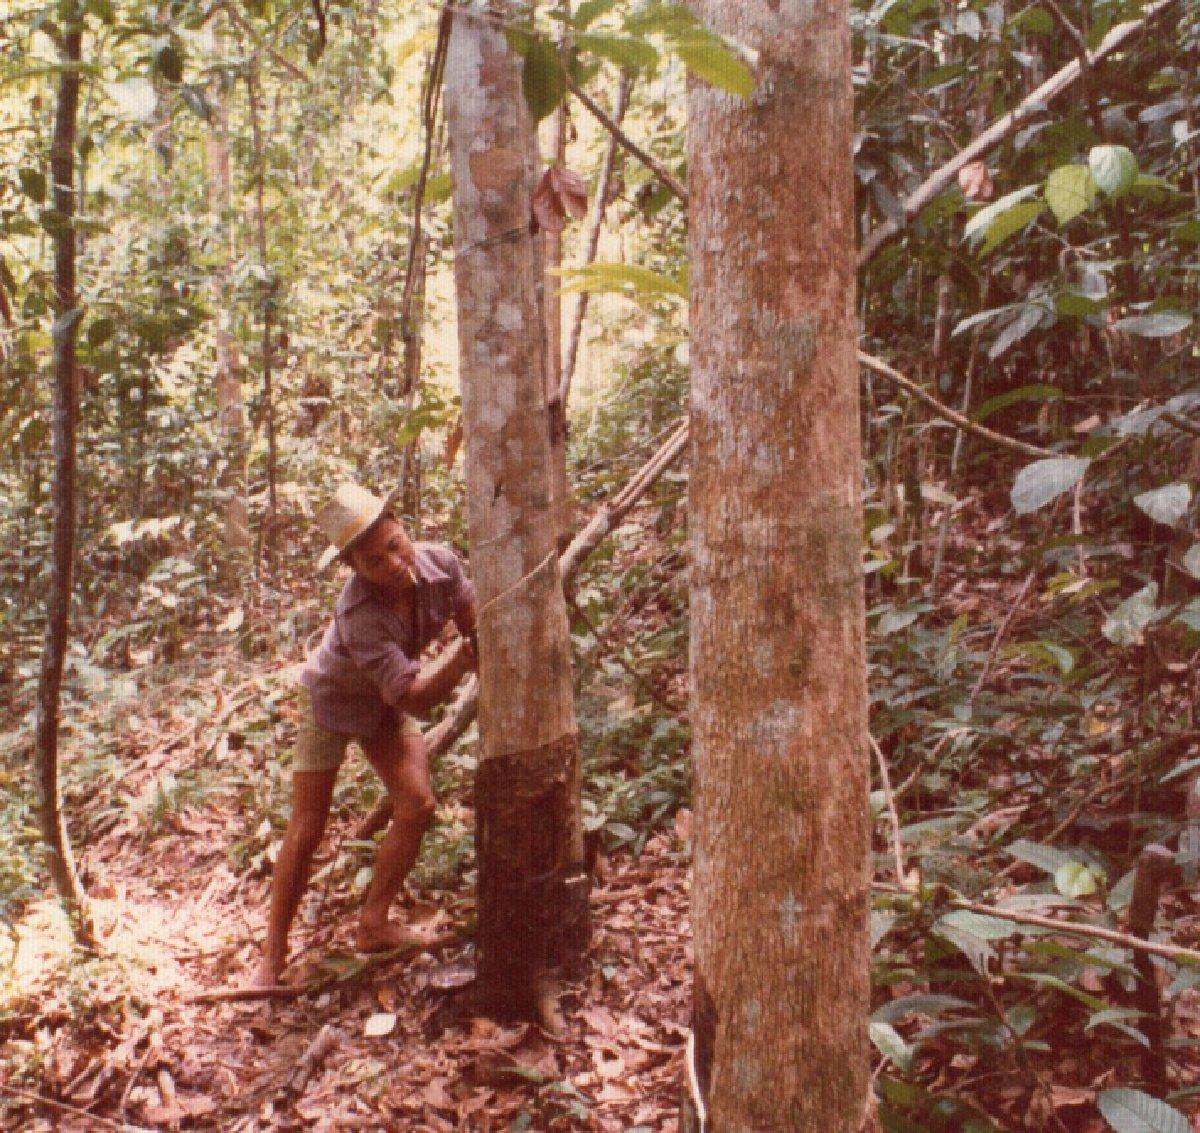 ゴムの木の幹への溝掘り.jpg